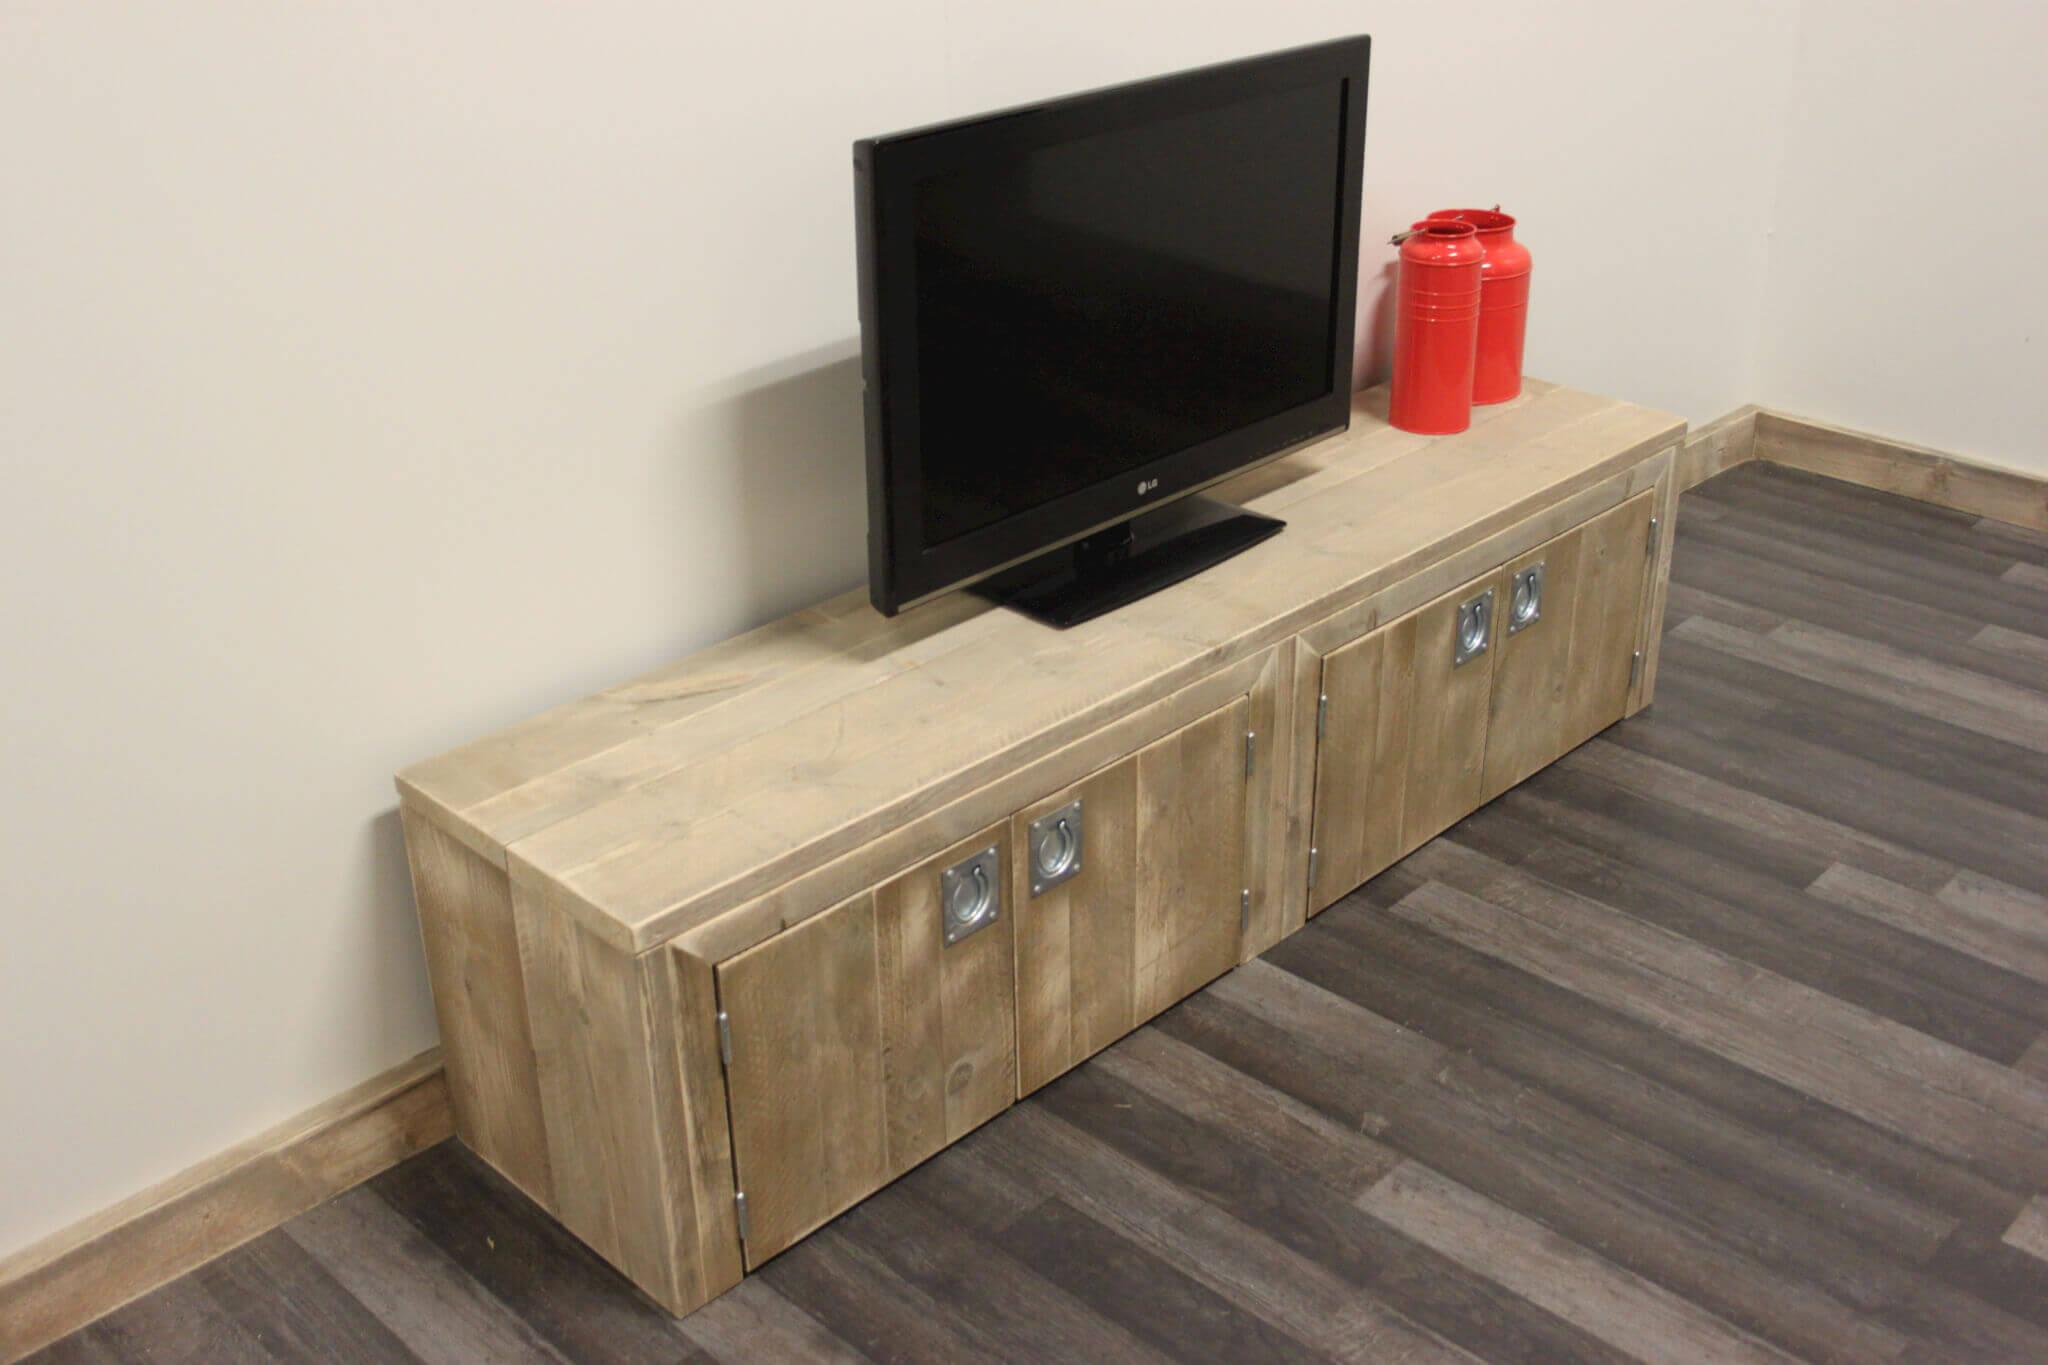 Steigerhouten tv meubel foresta steigerhouttrend for Steigerhout tv meubel maken